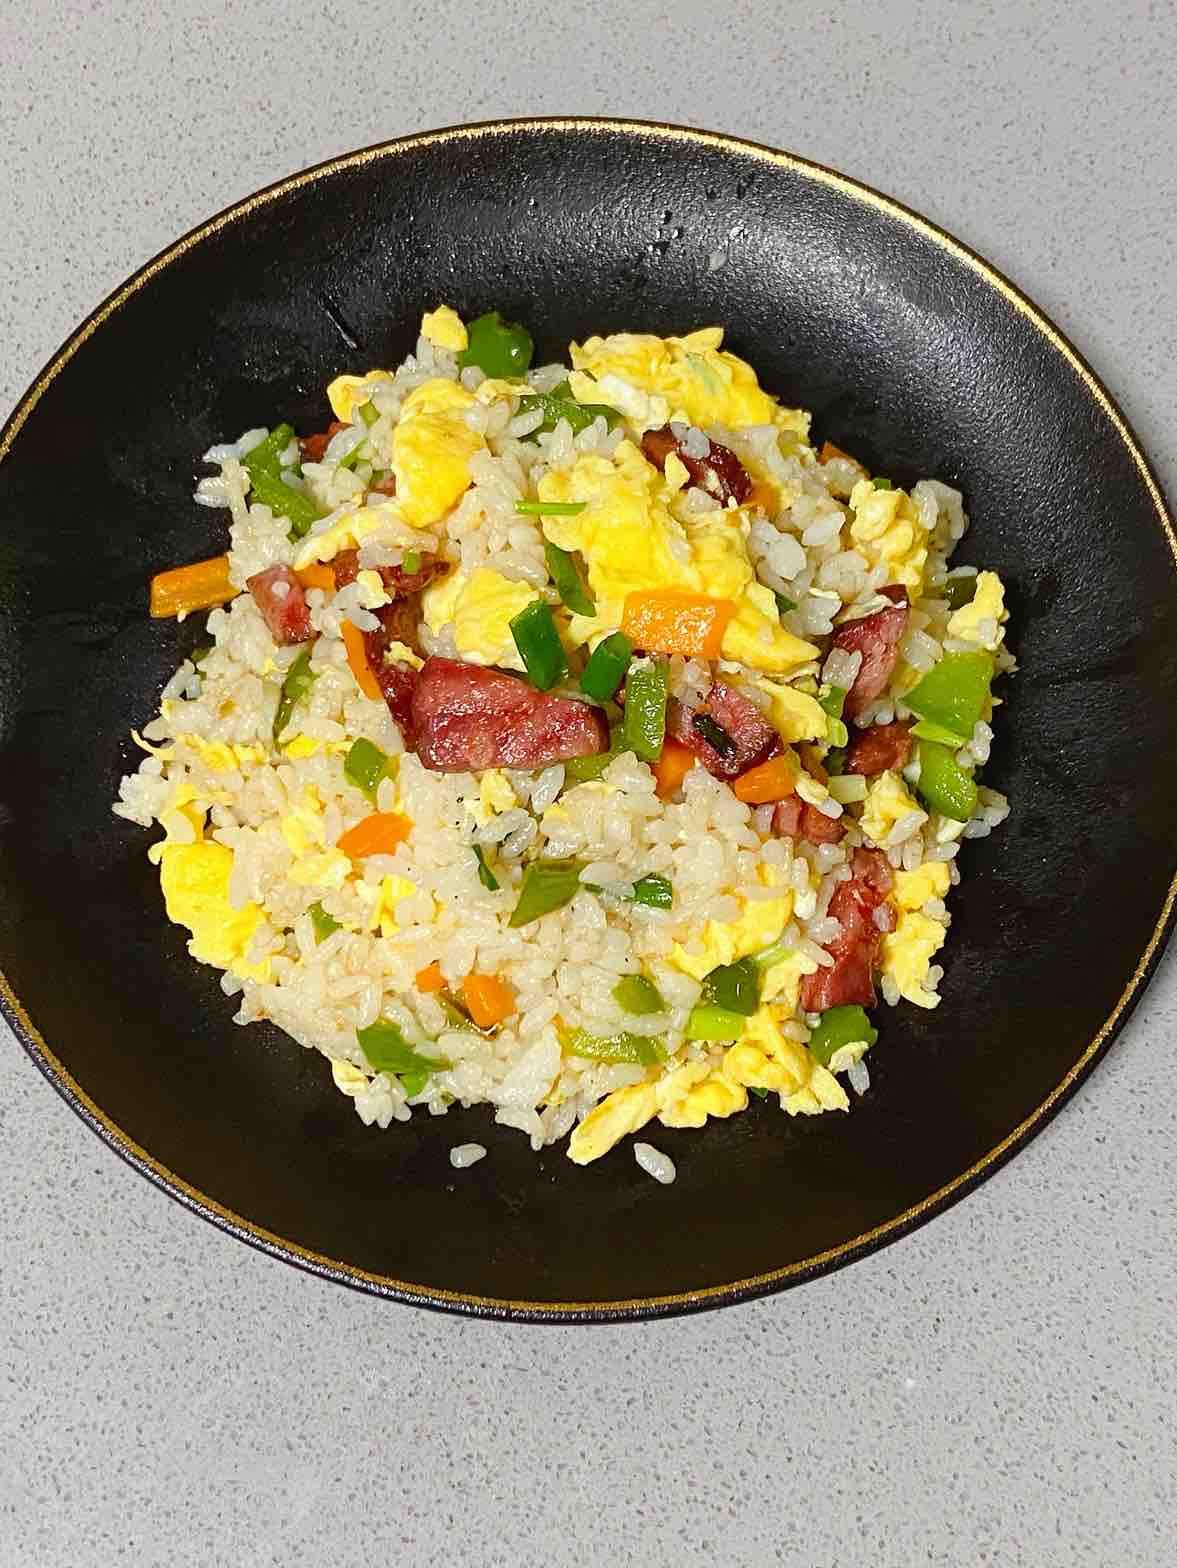 【孕妇食谱】腊肠时蔬炒饭,颜色好看,味道超赞~的做法